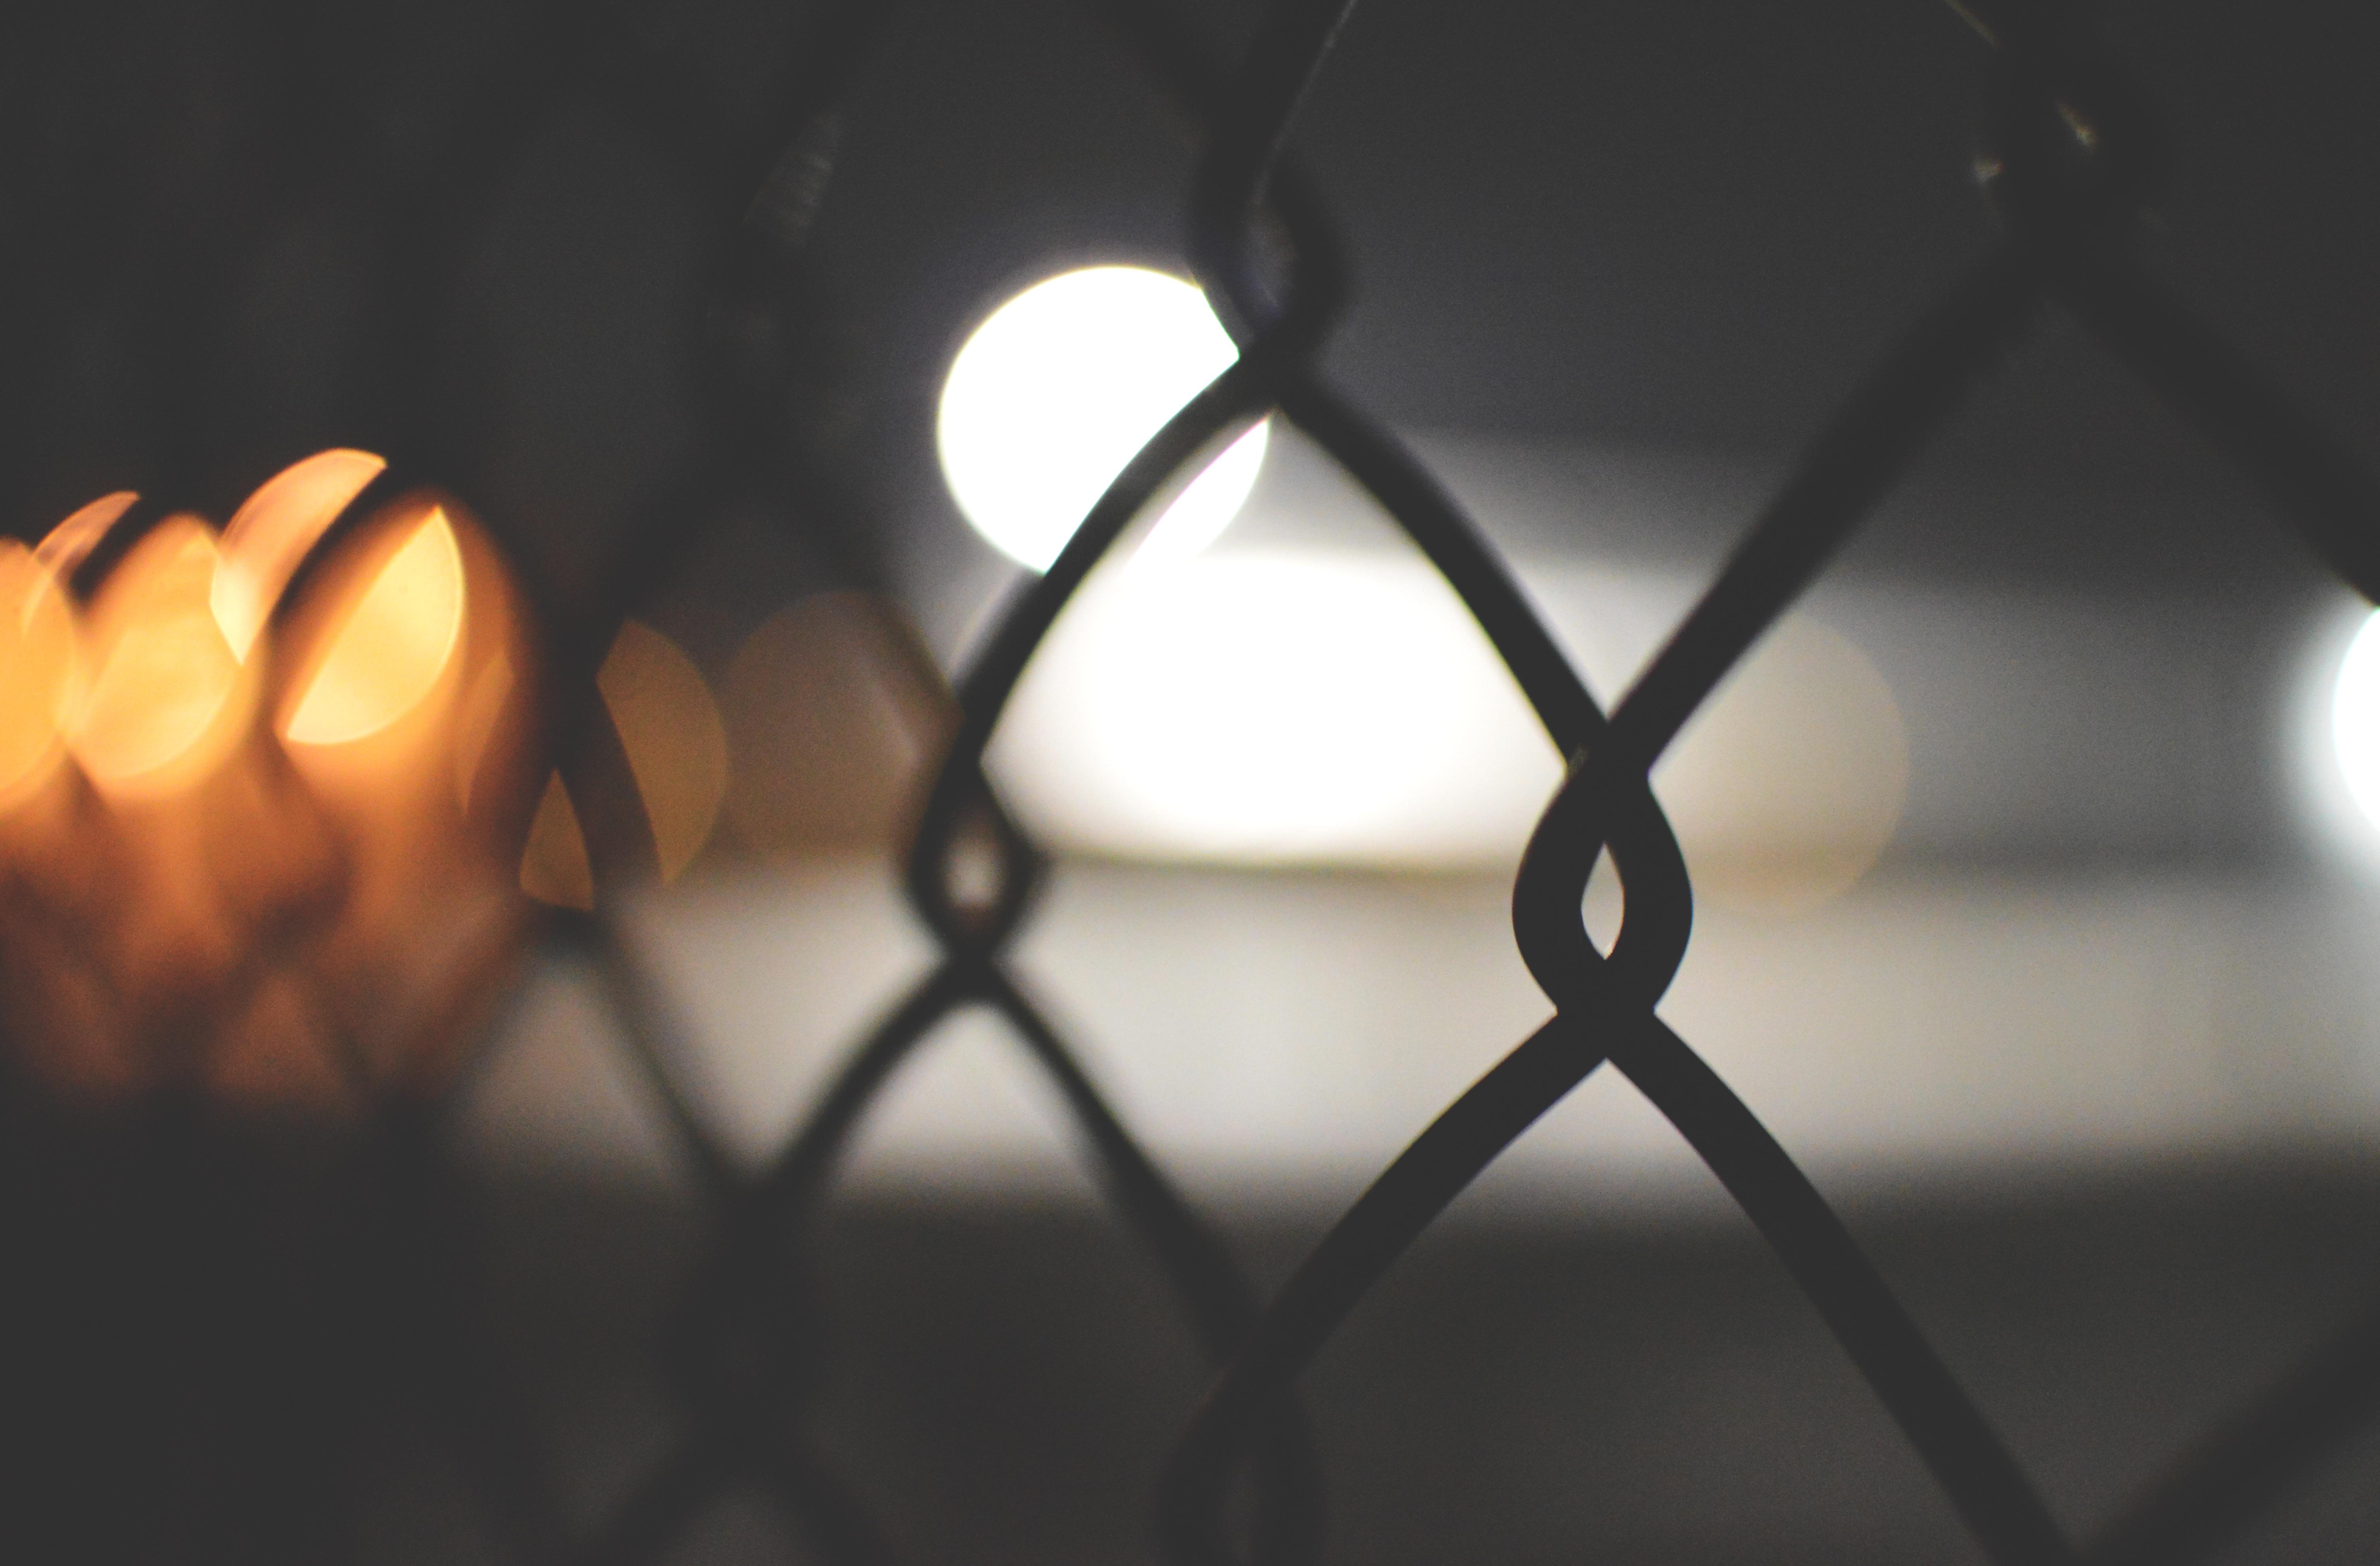 Kostenlose foto : Licht, Bokeh, Zaun, Sonnenlicht, Linie ...